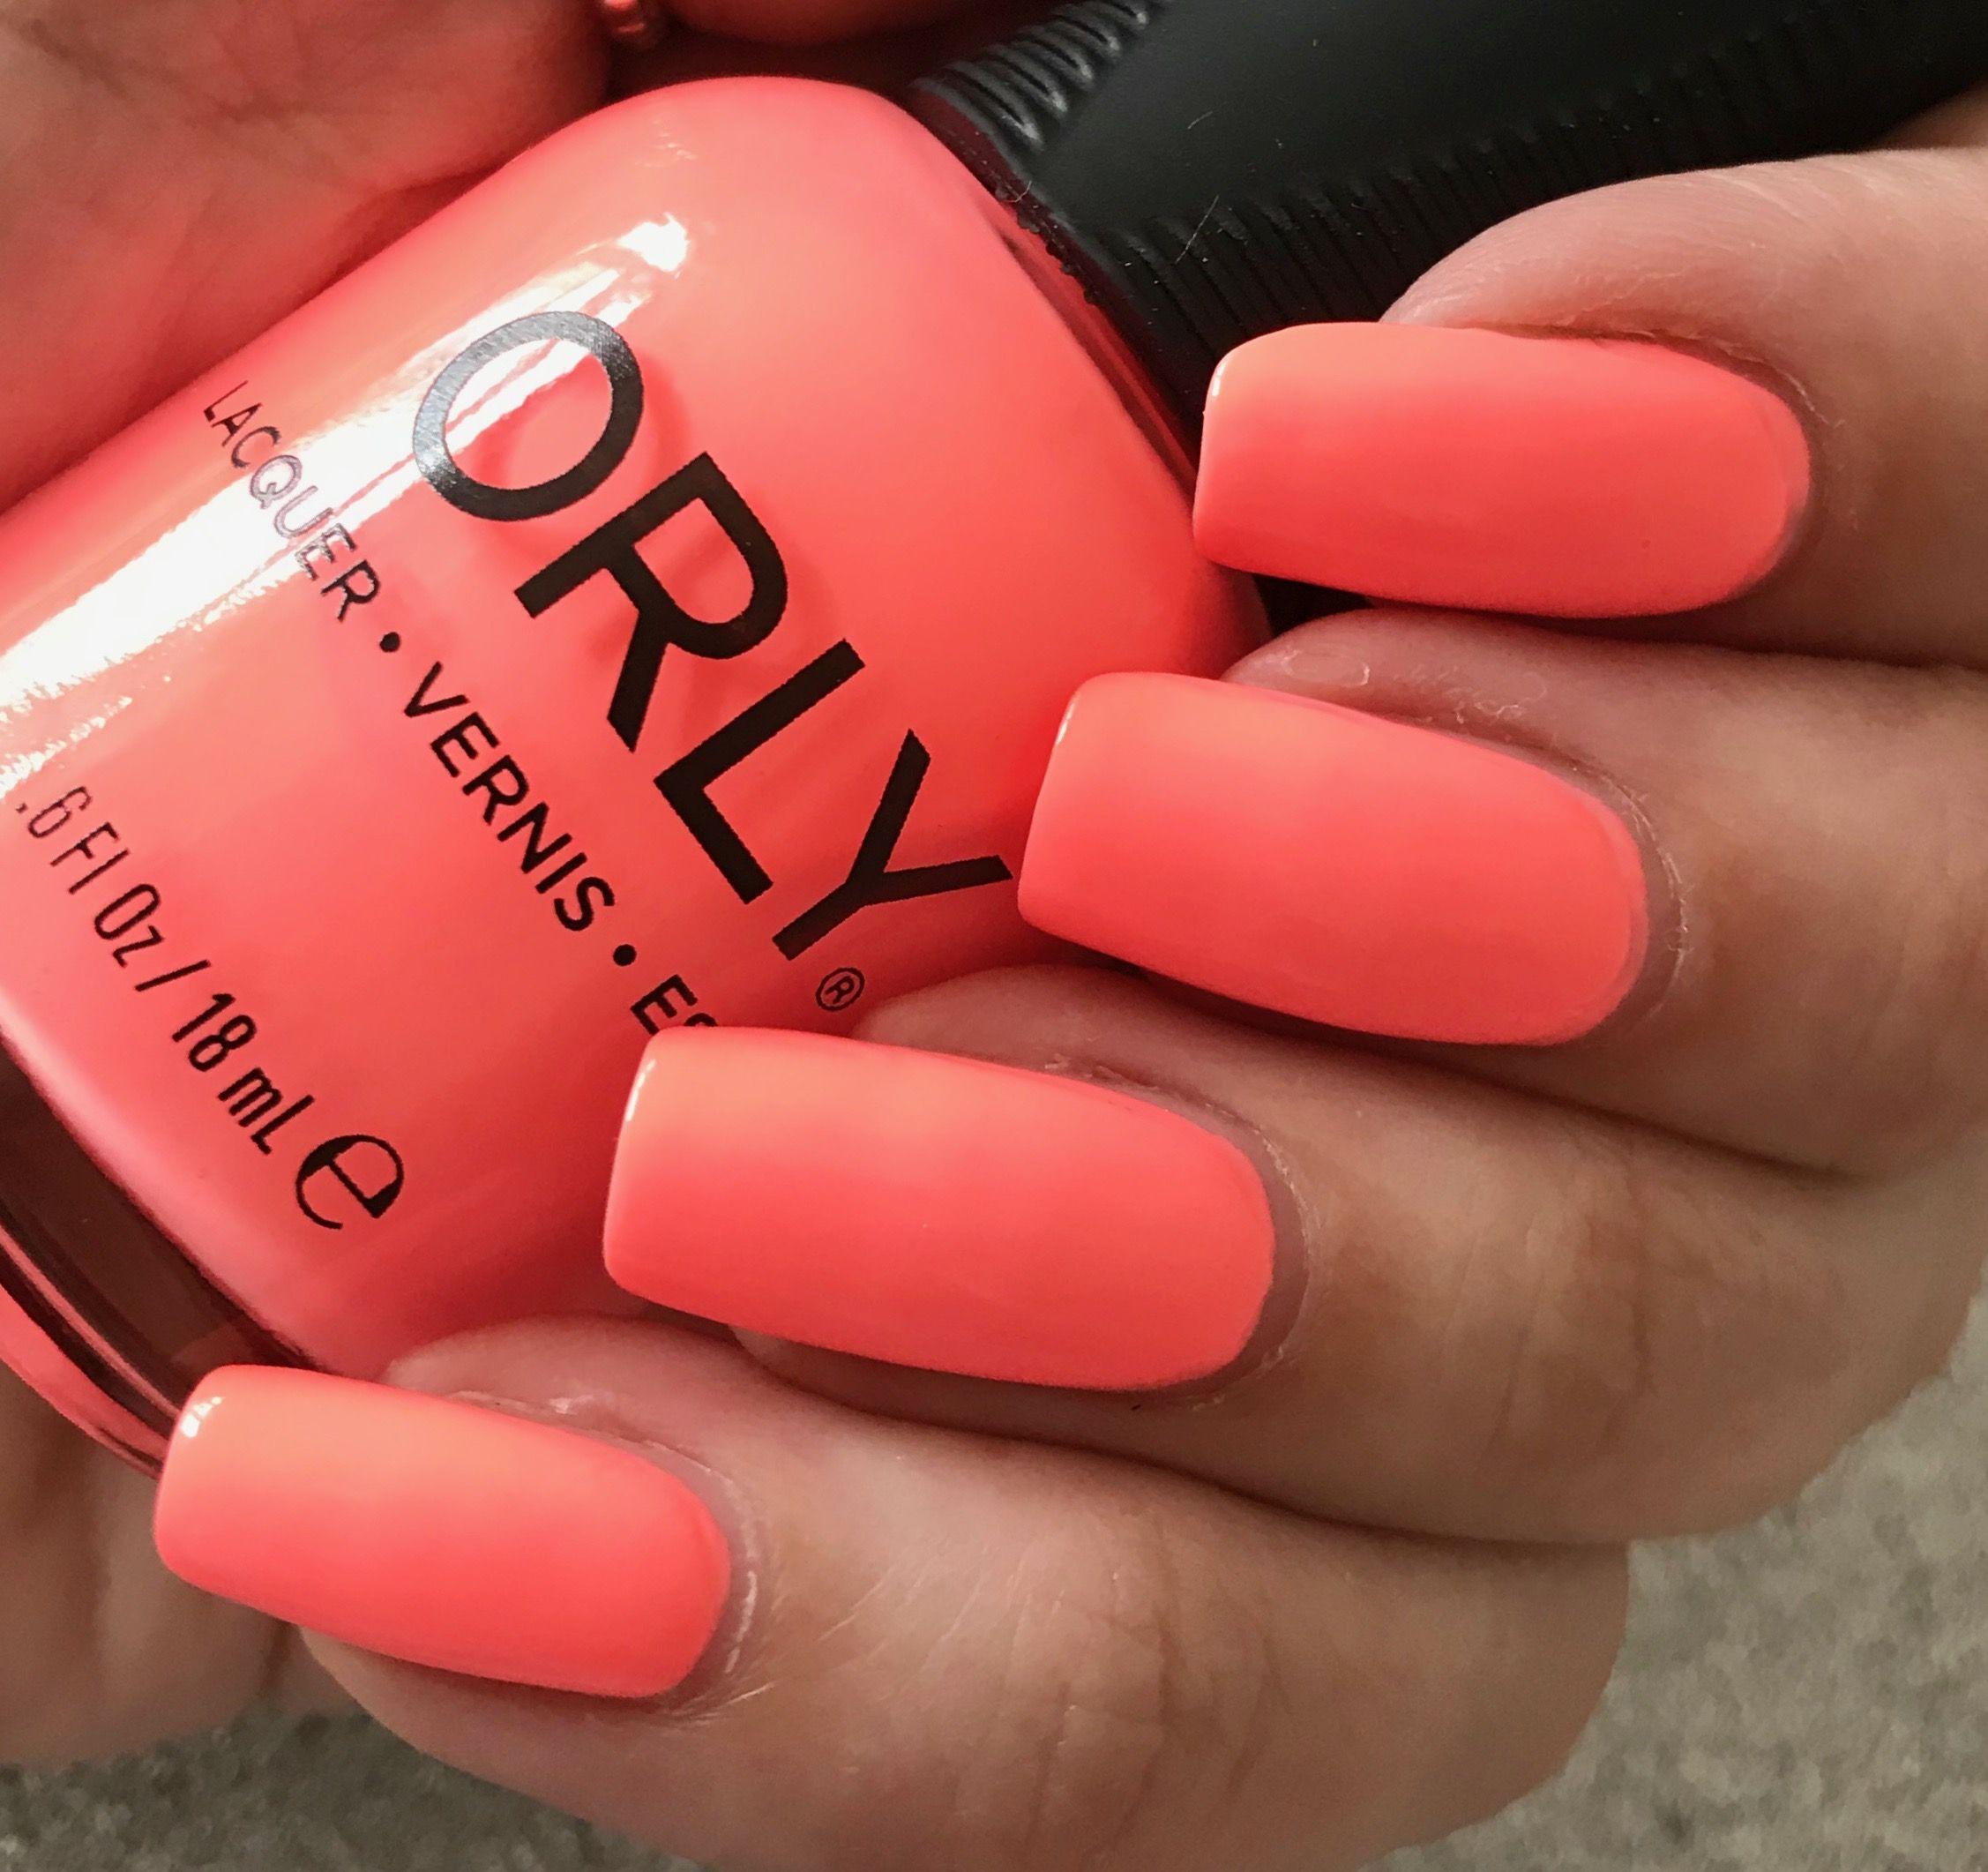 Orly Gel FX - Blazing Sunset   Orly gel fx, Gel polish, Gel